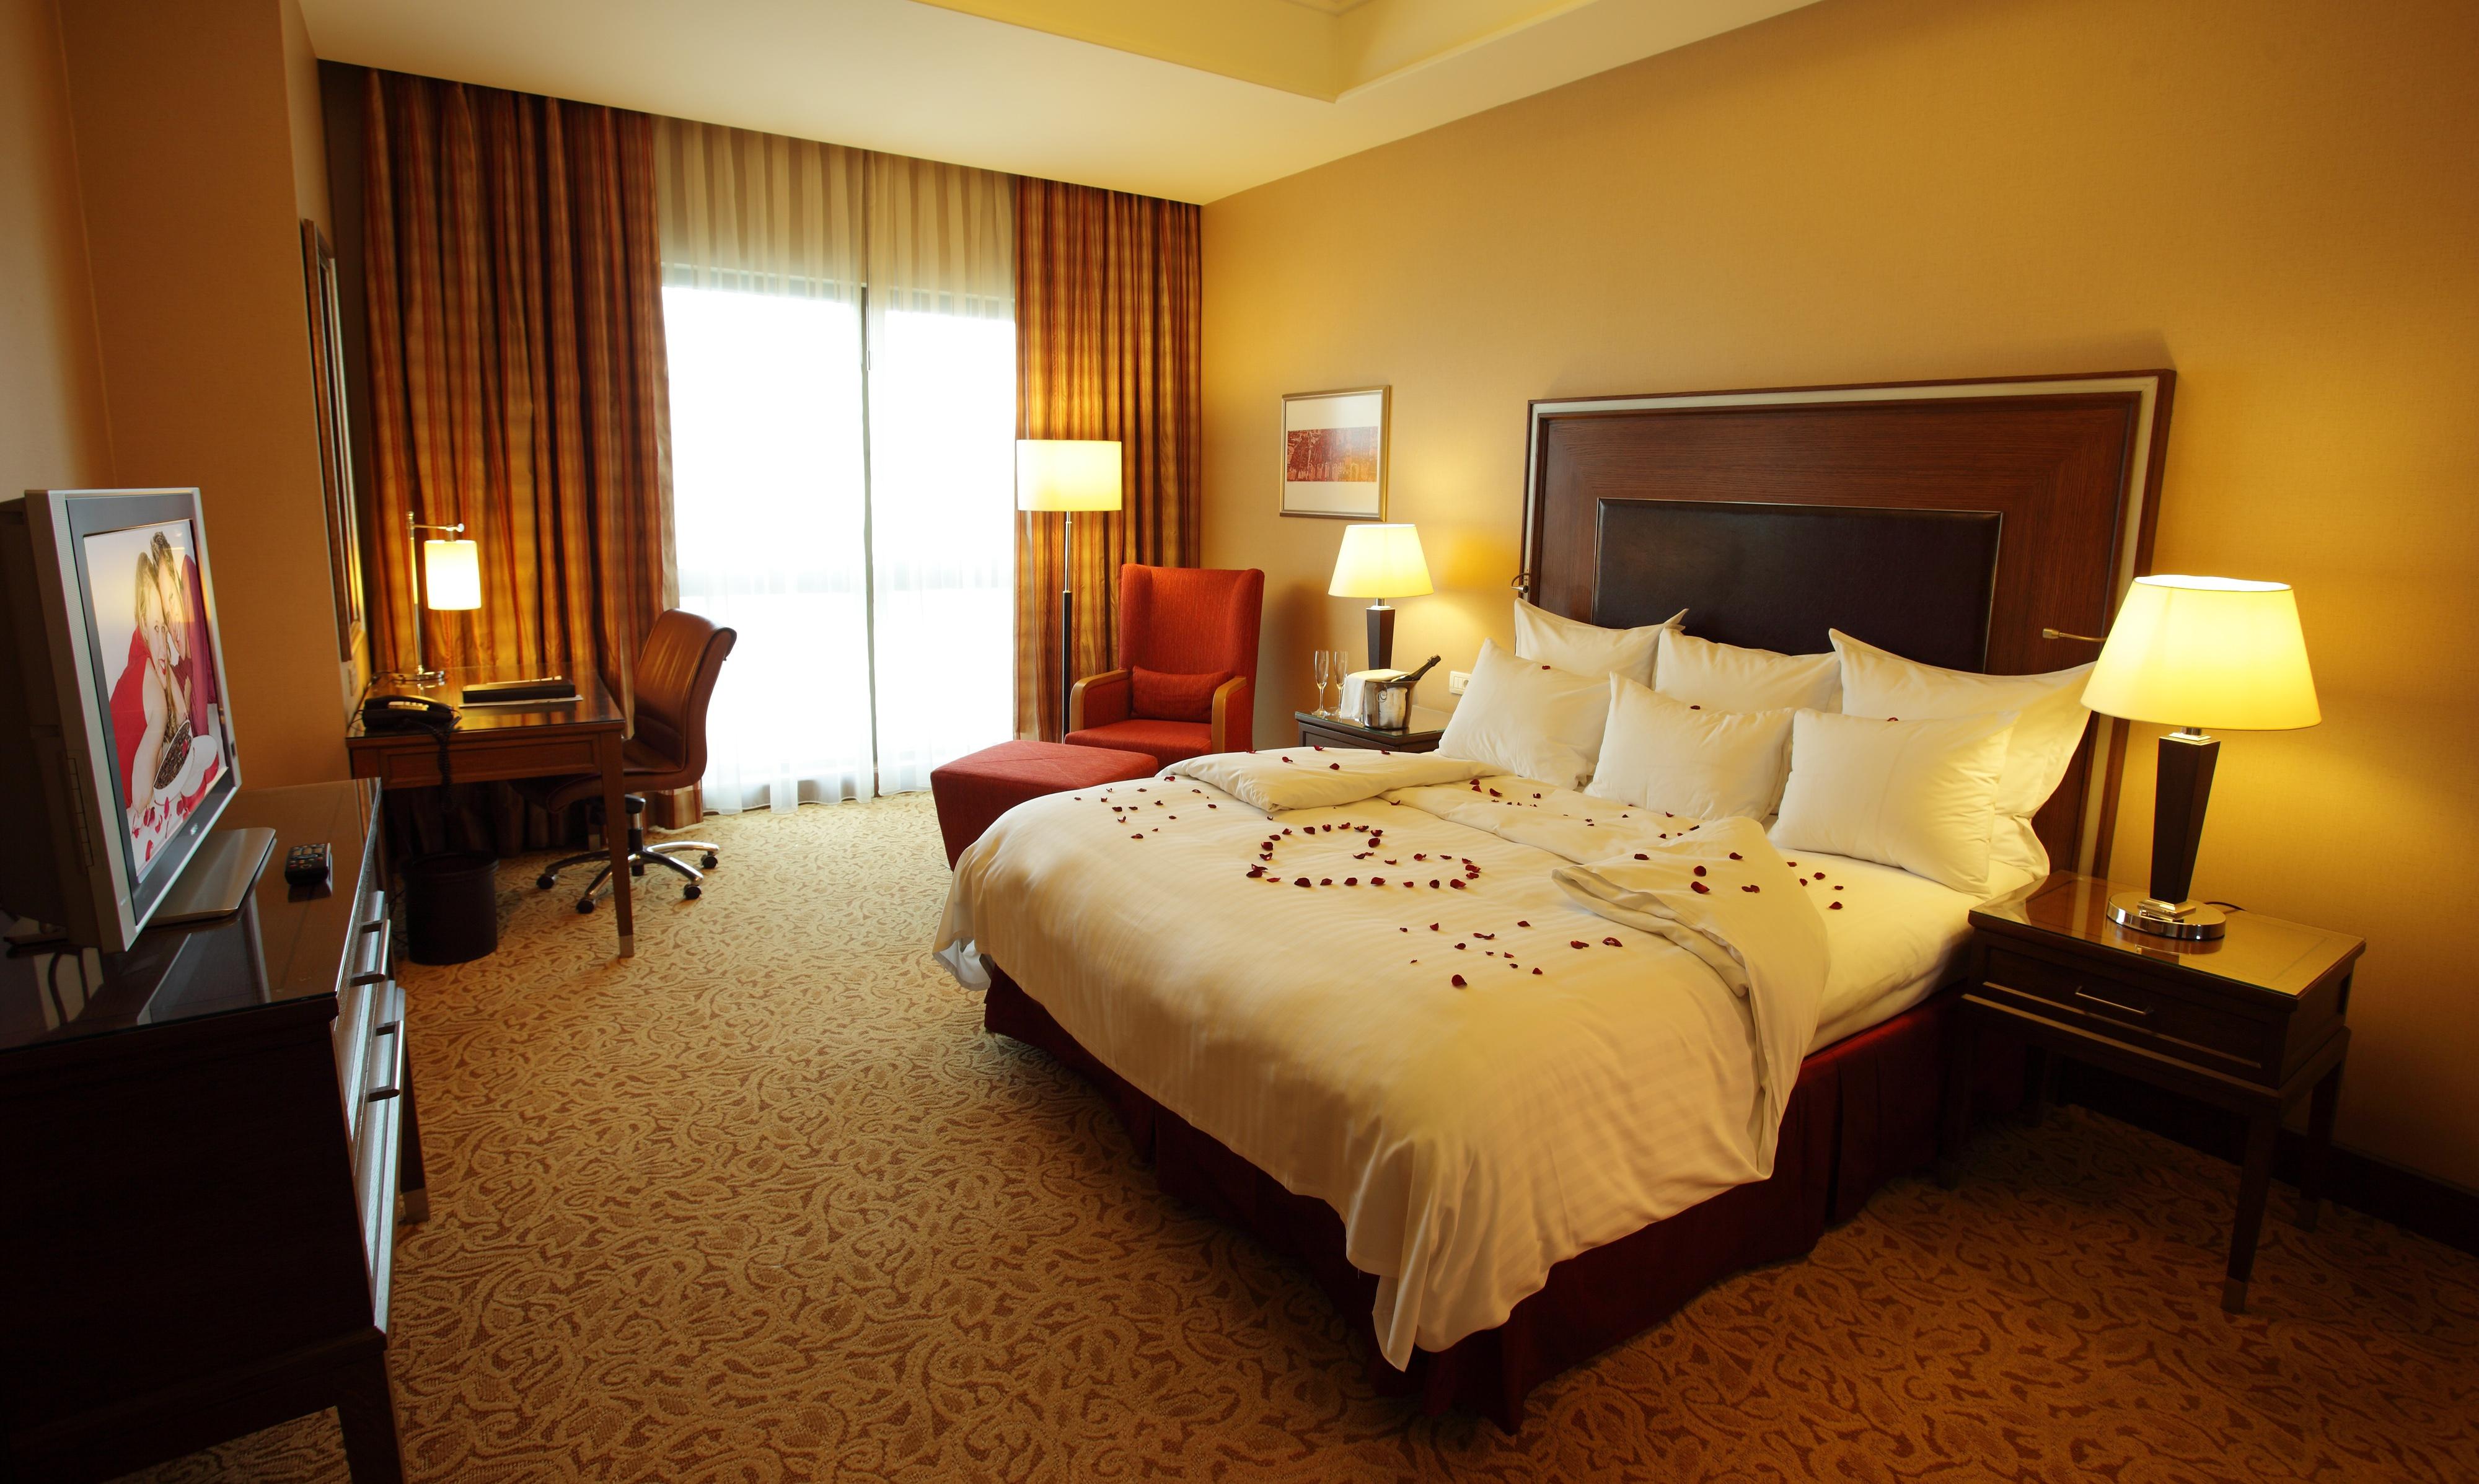 Sevginize Layık Seçenekler Marriot Hotel Asia'da